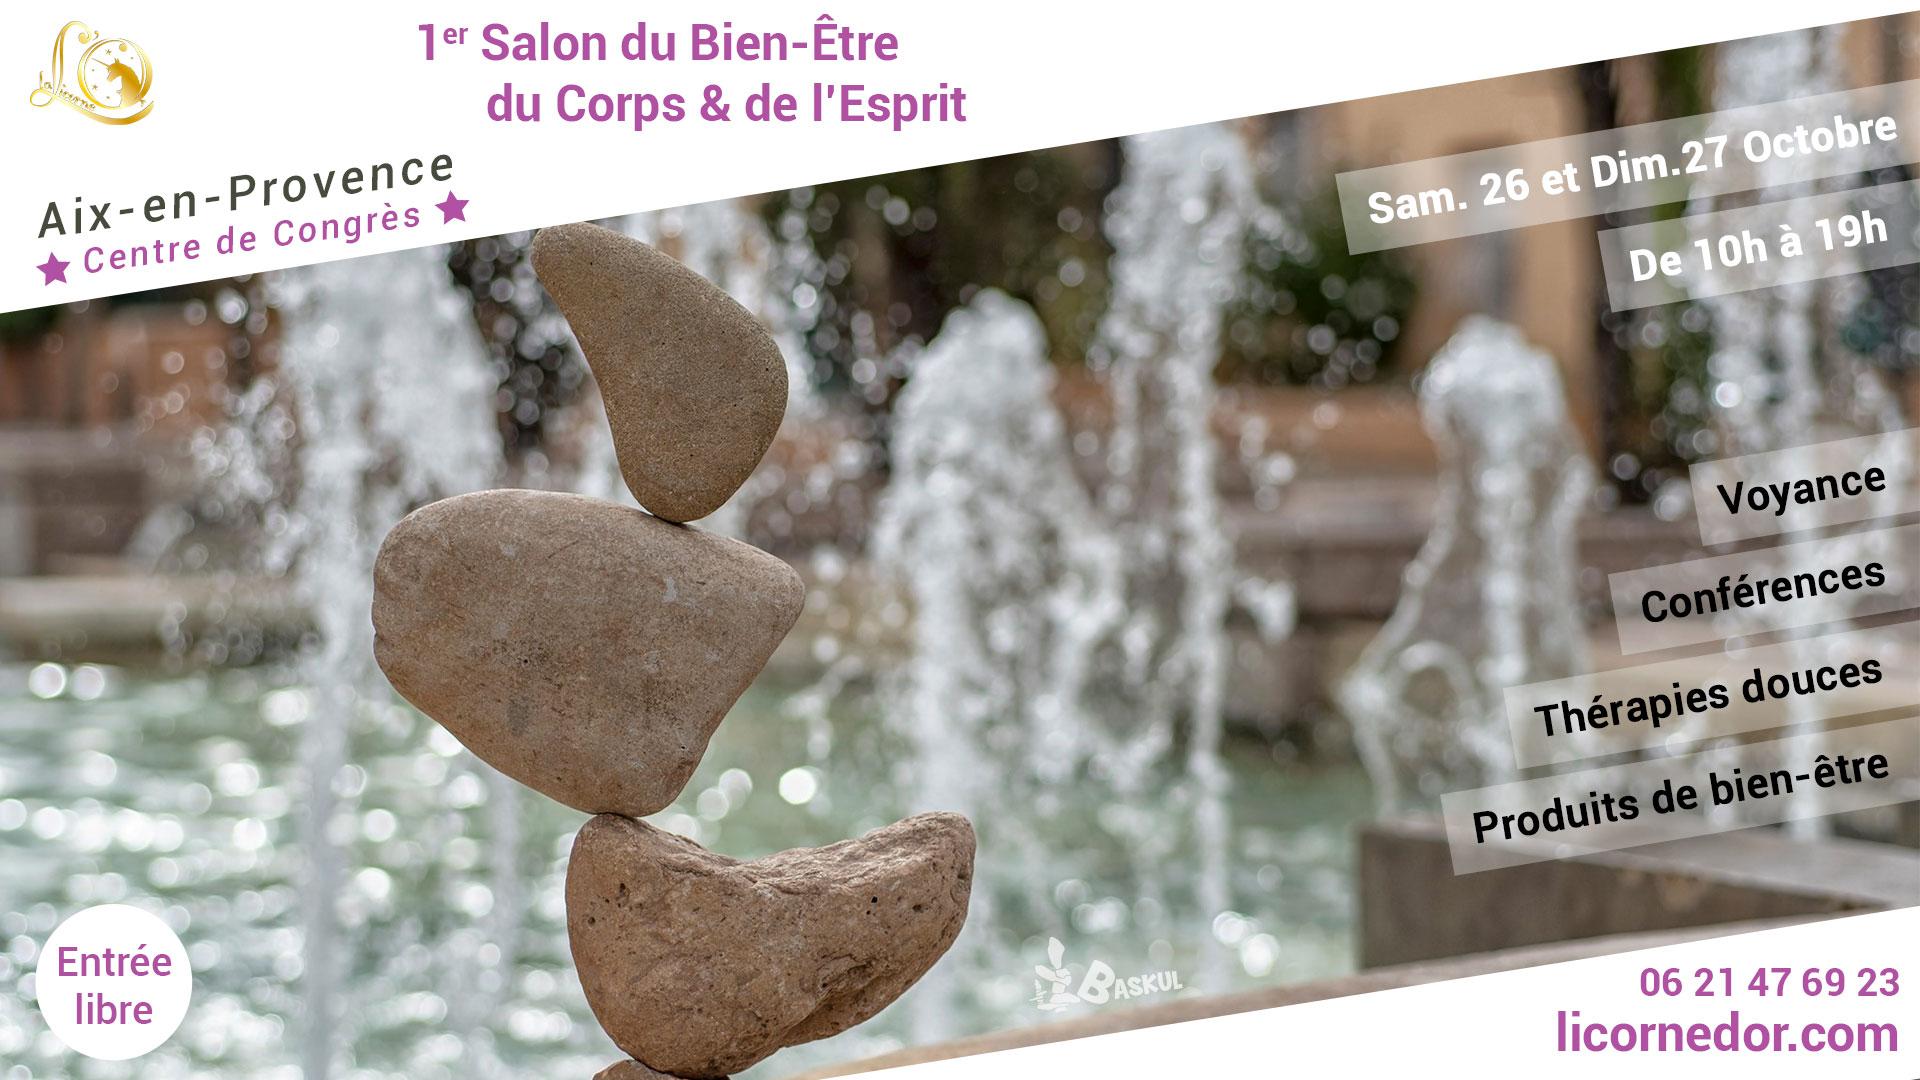 Aix-En-Provence 2019 - 1er Salon du Bien-Être du Corps & de l'Esprit